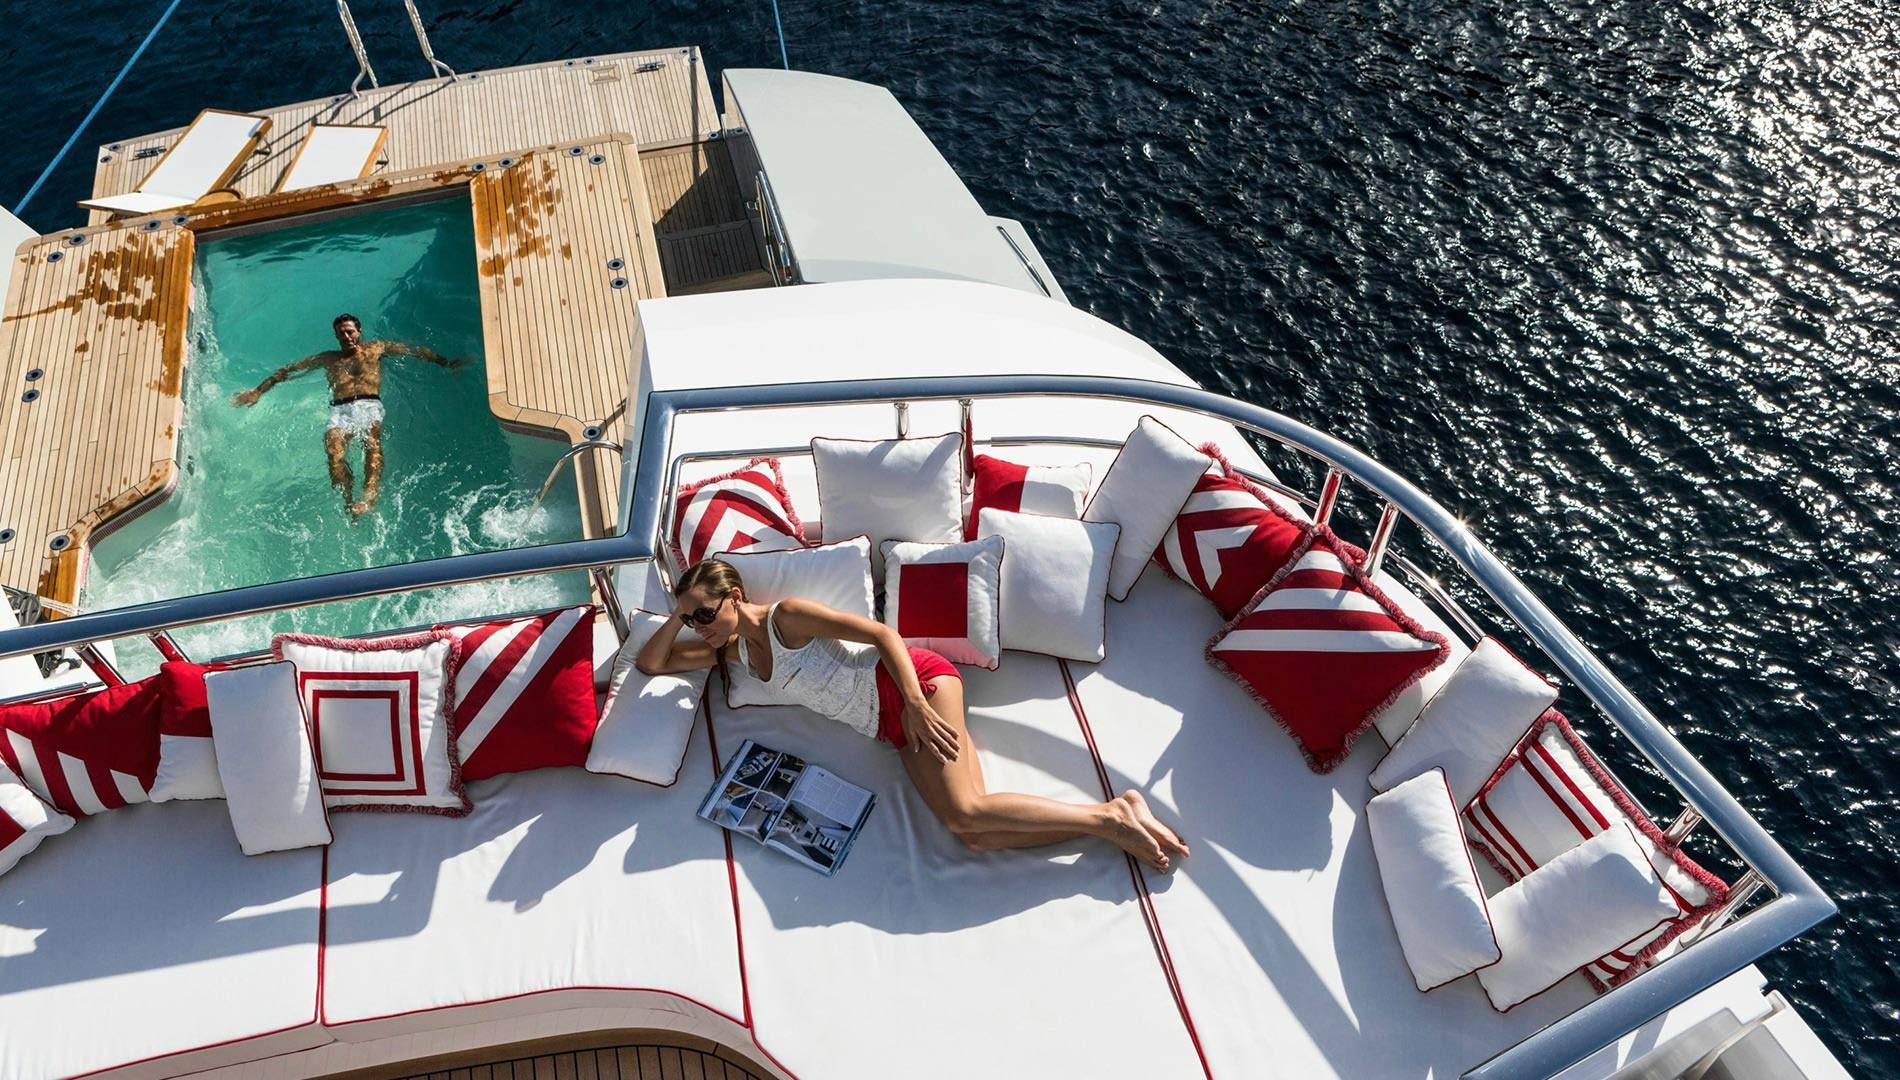 Plenty of sunbathing & relaxation areas on board